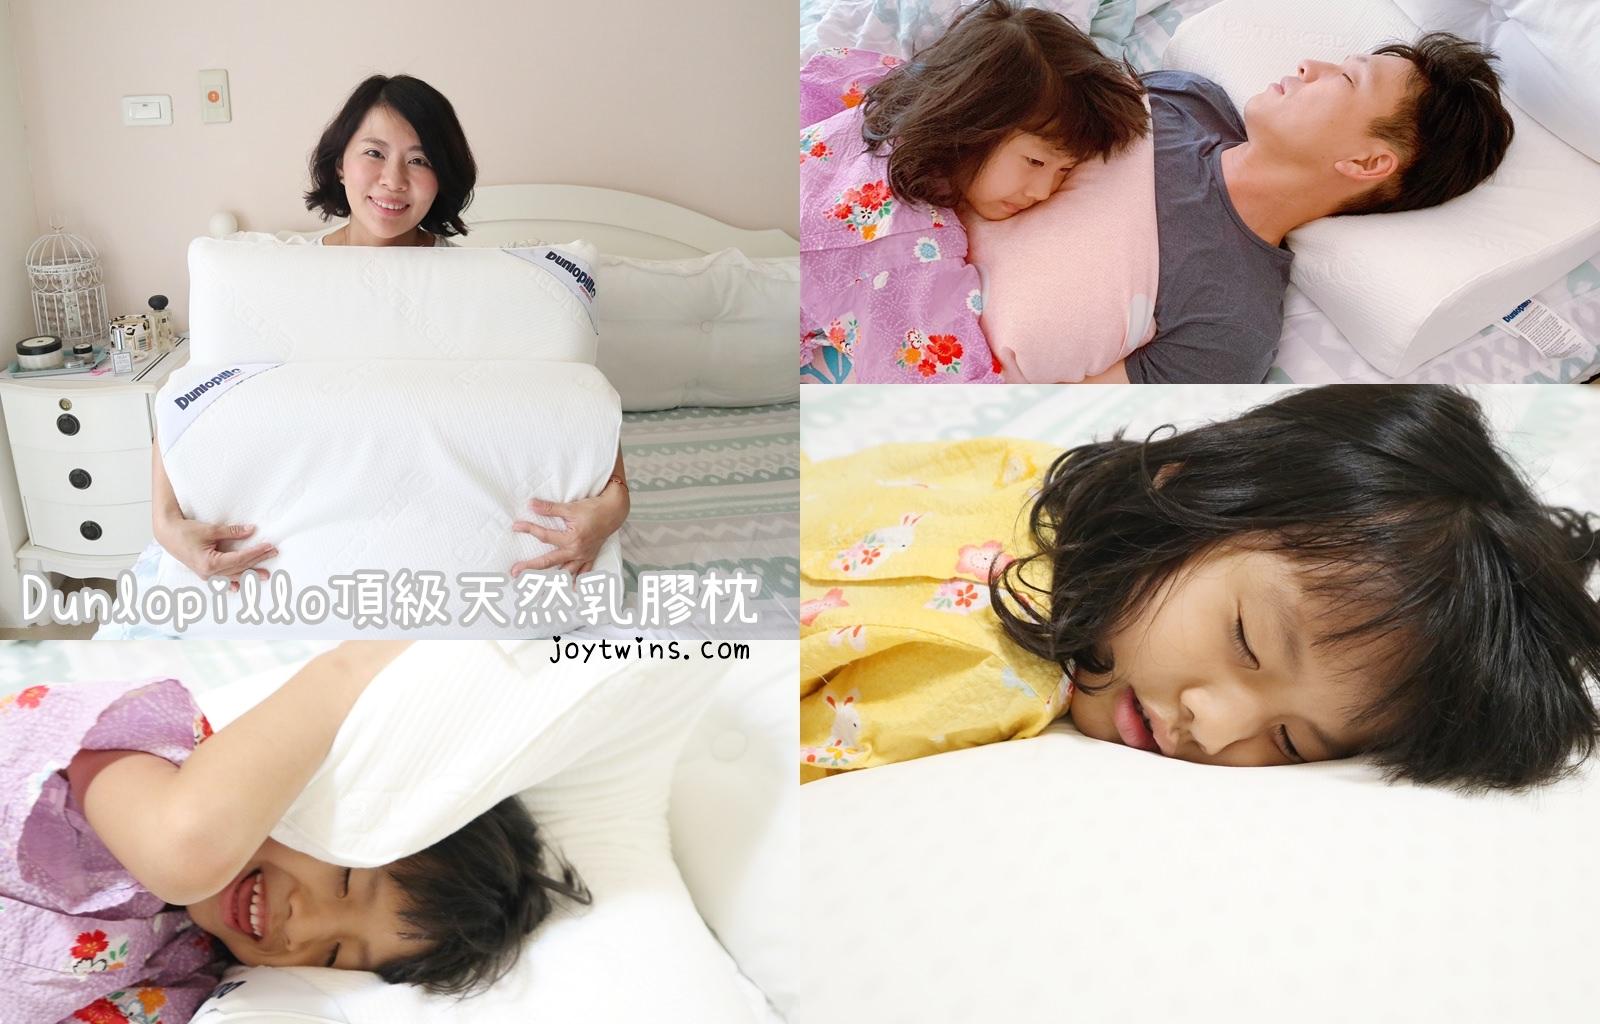 【團購】一夜好眠很簡單 枕頭界的勞斯萊斯 英國百年品牌Dunlopillo 頂級睡眠就靠他!(英國皇室枕頭超優惠價格入手)